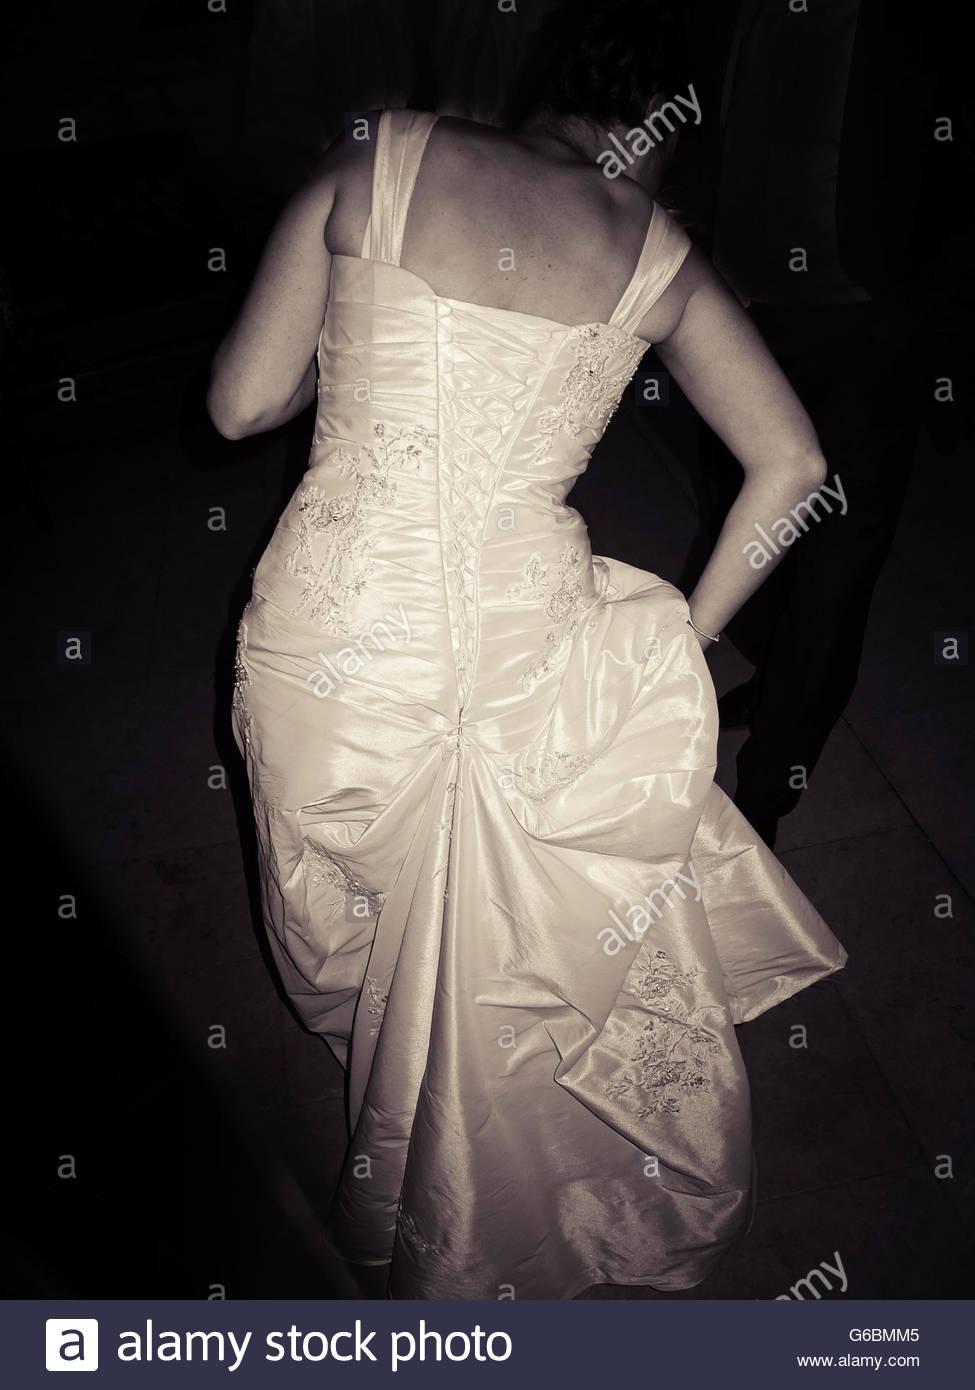 Rückansicht der Braut im Hochzeitskleid in der Nacht Stockbild